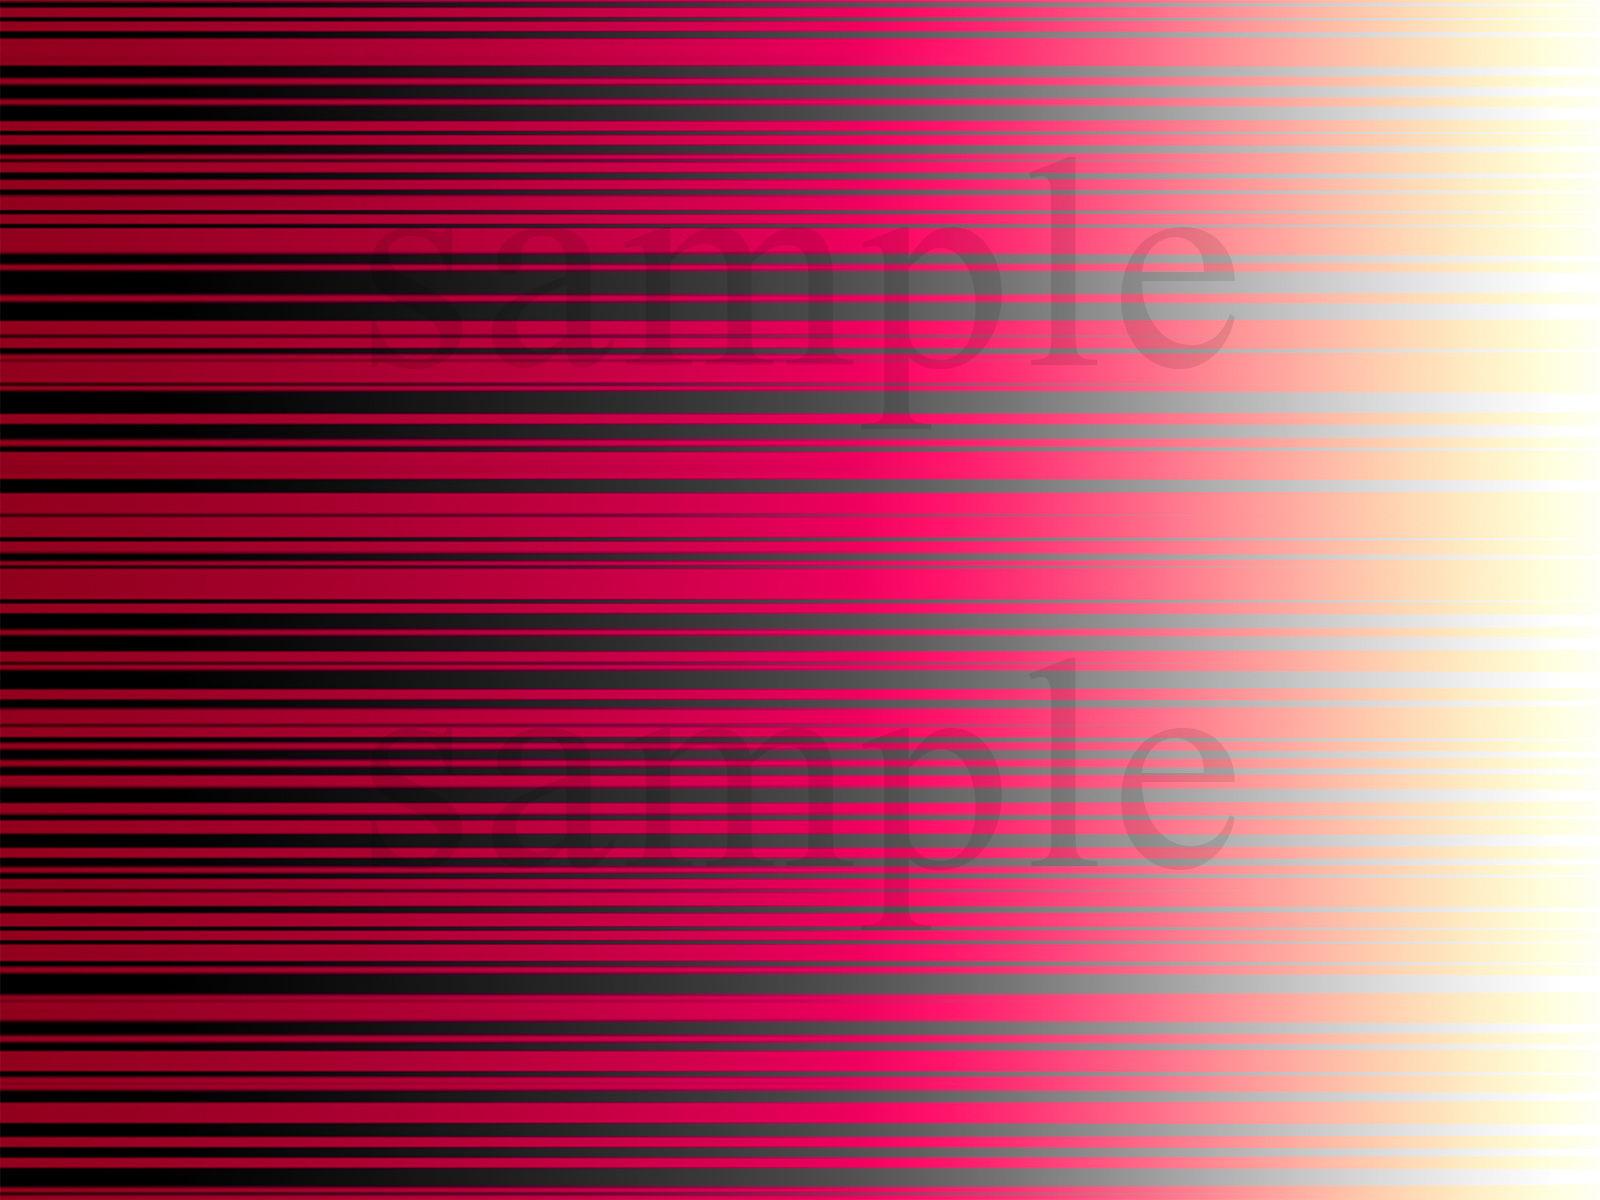 サンプル画像5:著作権フリー画像素材「スピード線背景 Vol.2」(ティービースター) [d_190380]